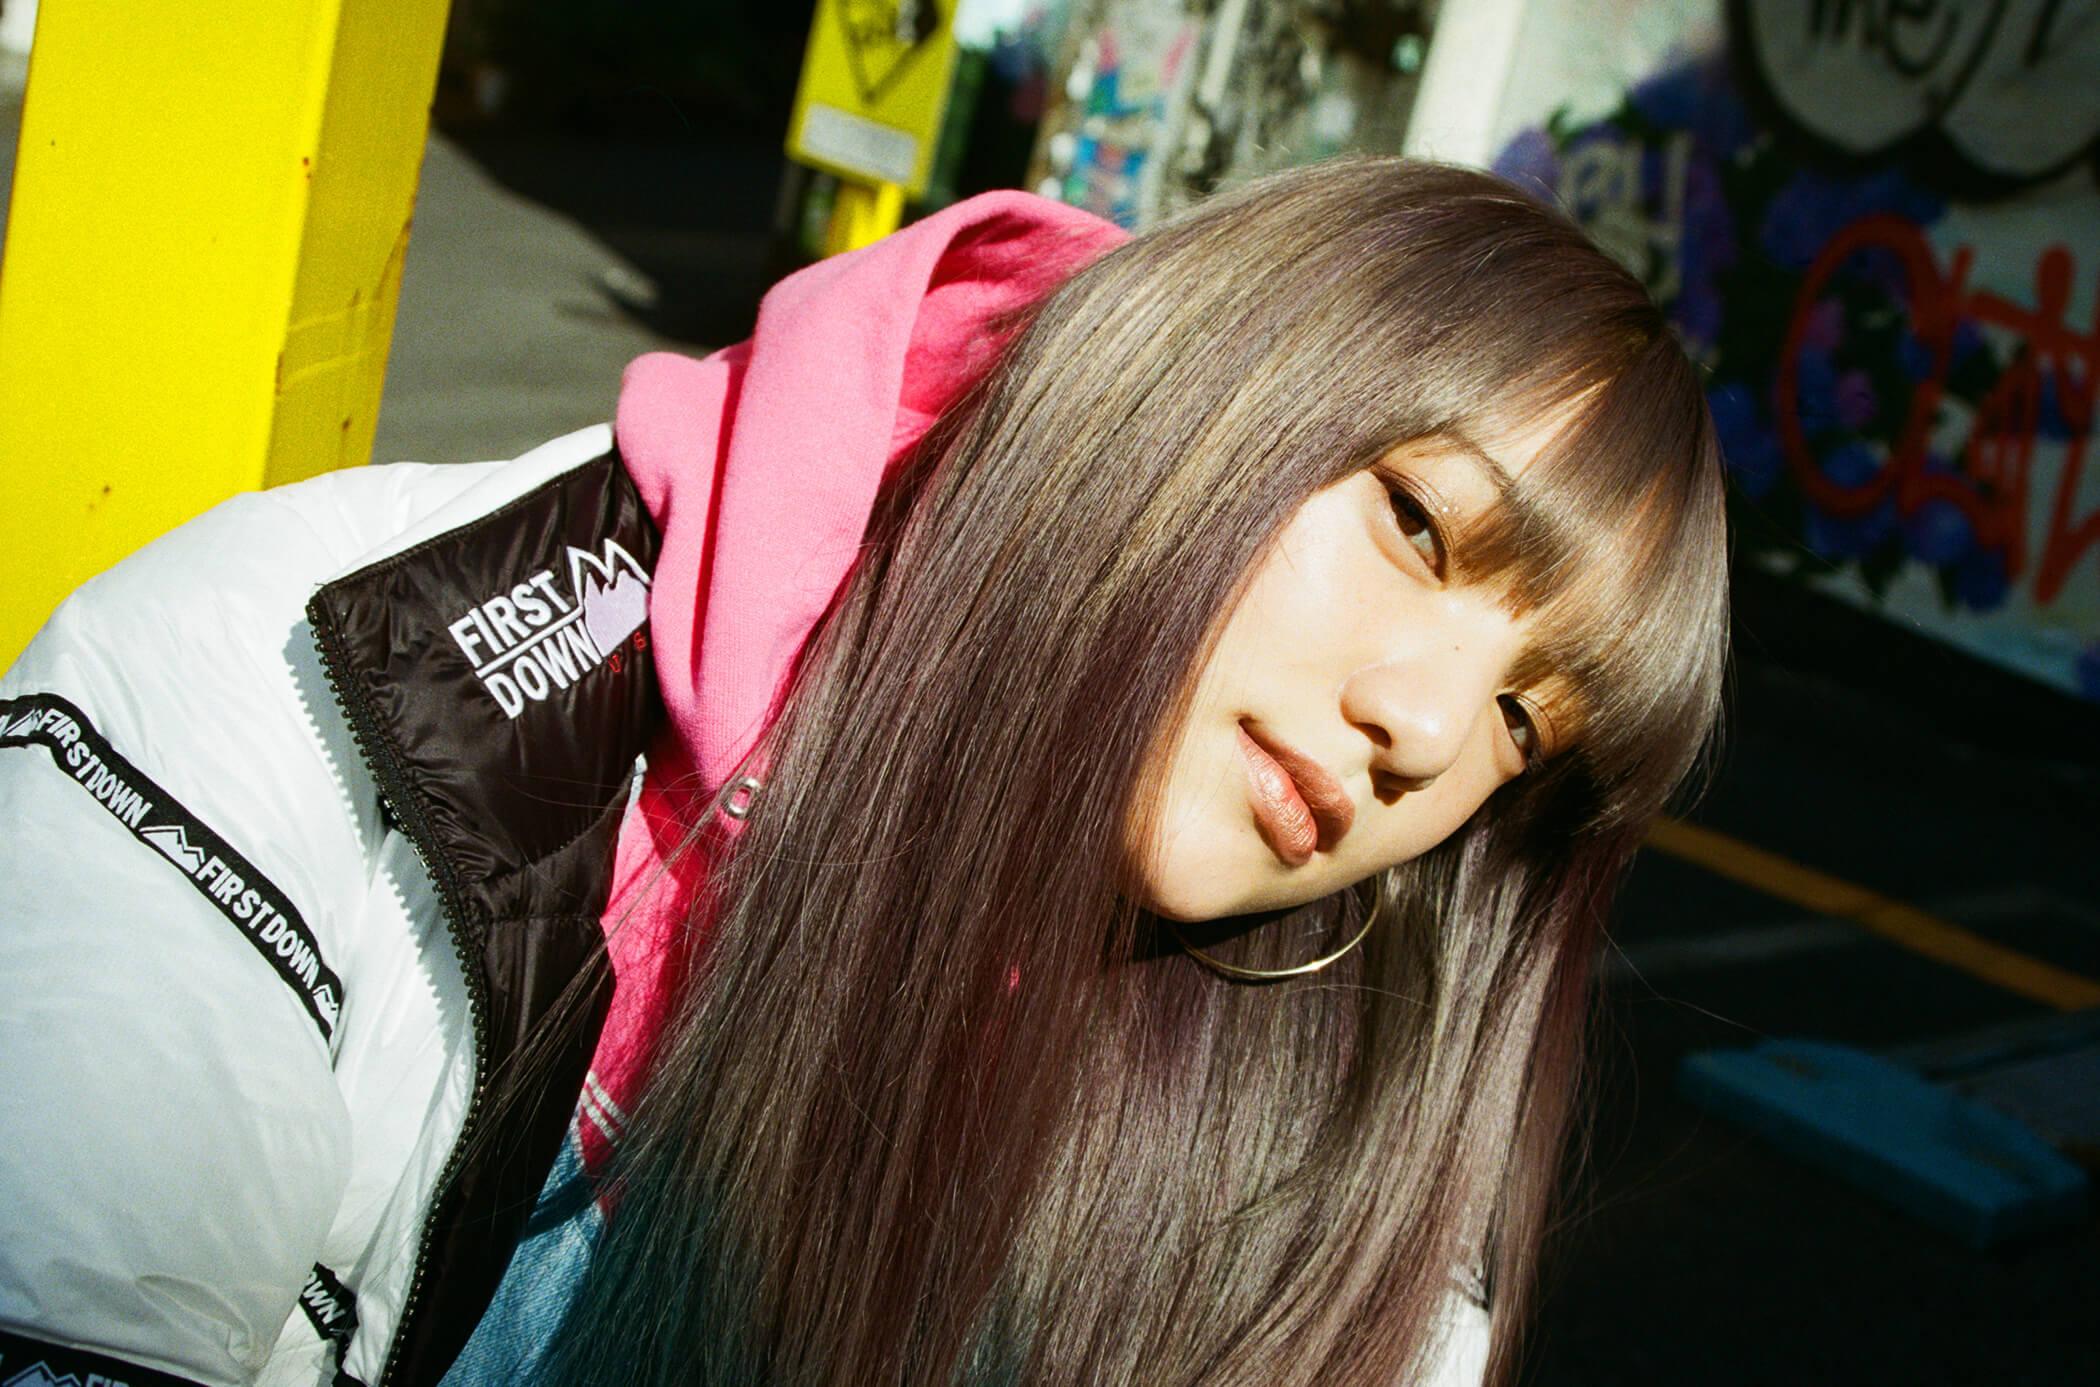 ファーストダウンと90年代。vol.02 須田アンナ / E-girls